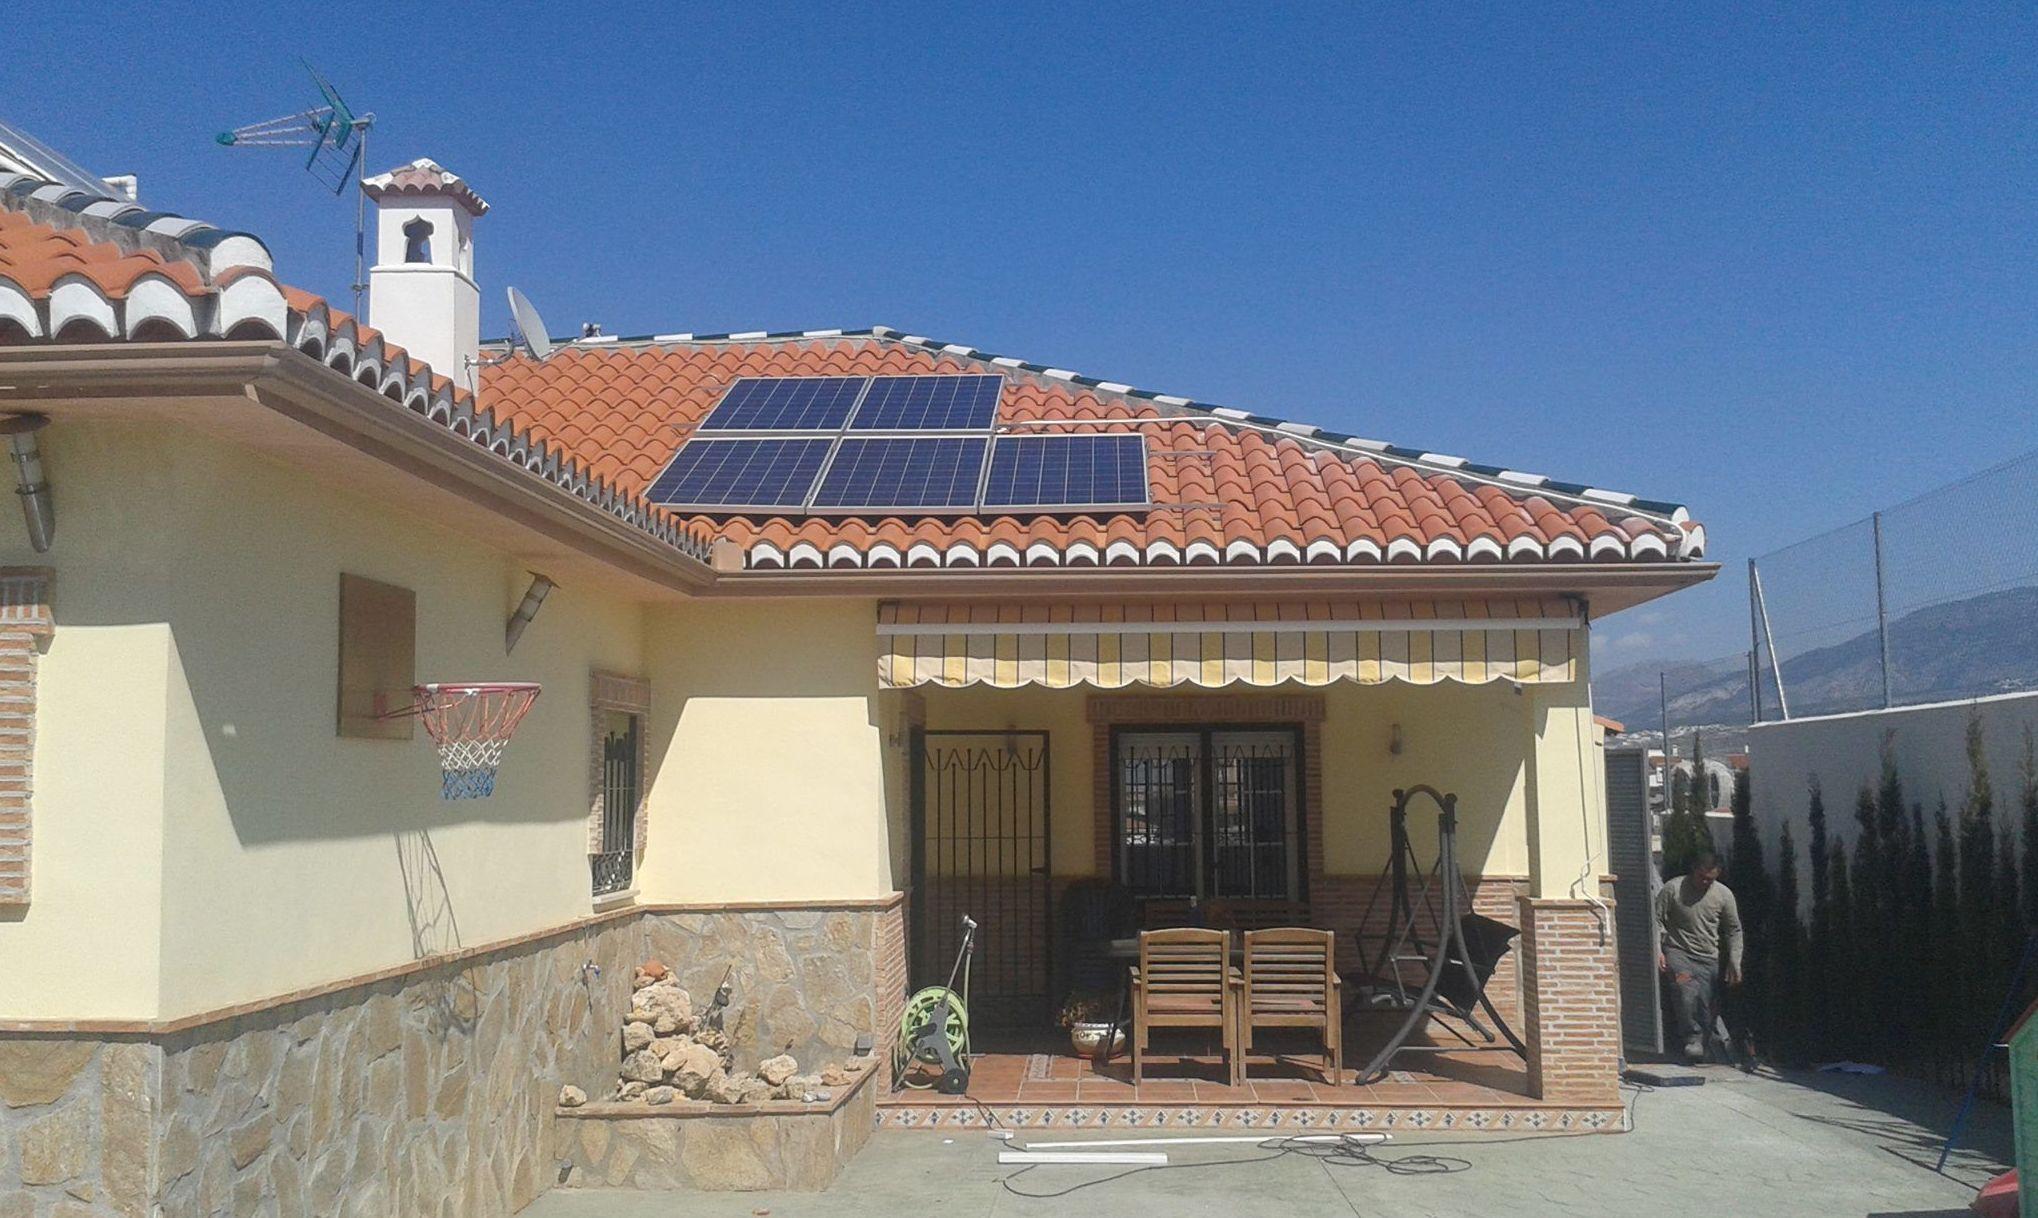 Instalación de placas solares en tejado de chalé